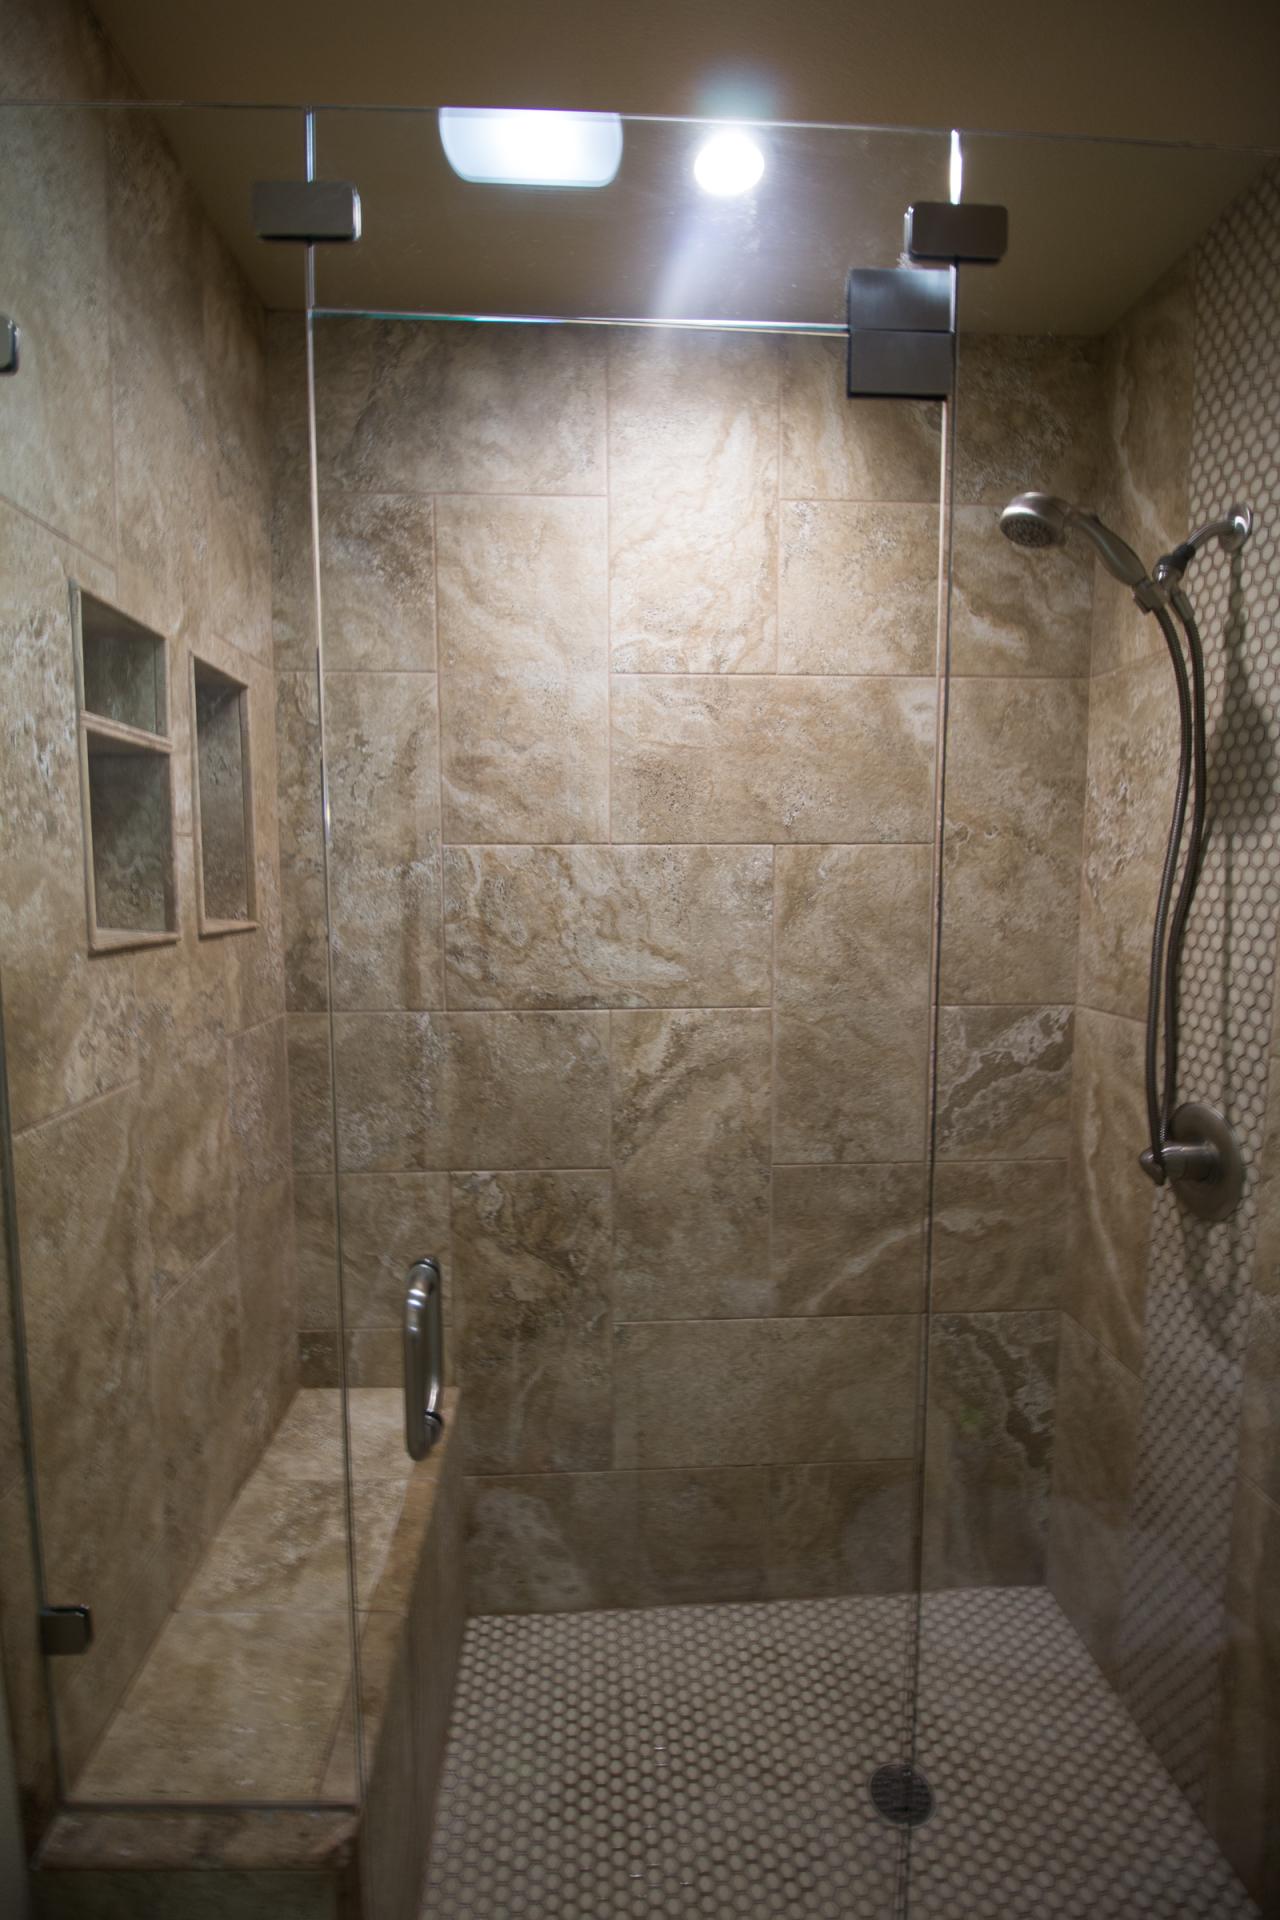 jarrell-signature-hall-bathroom-remodel-6